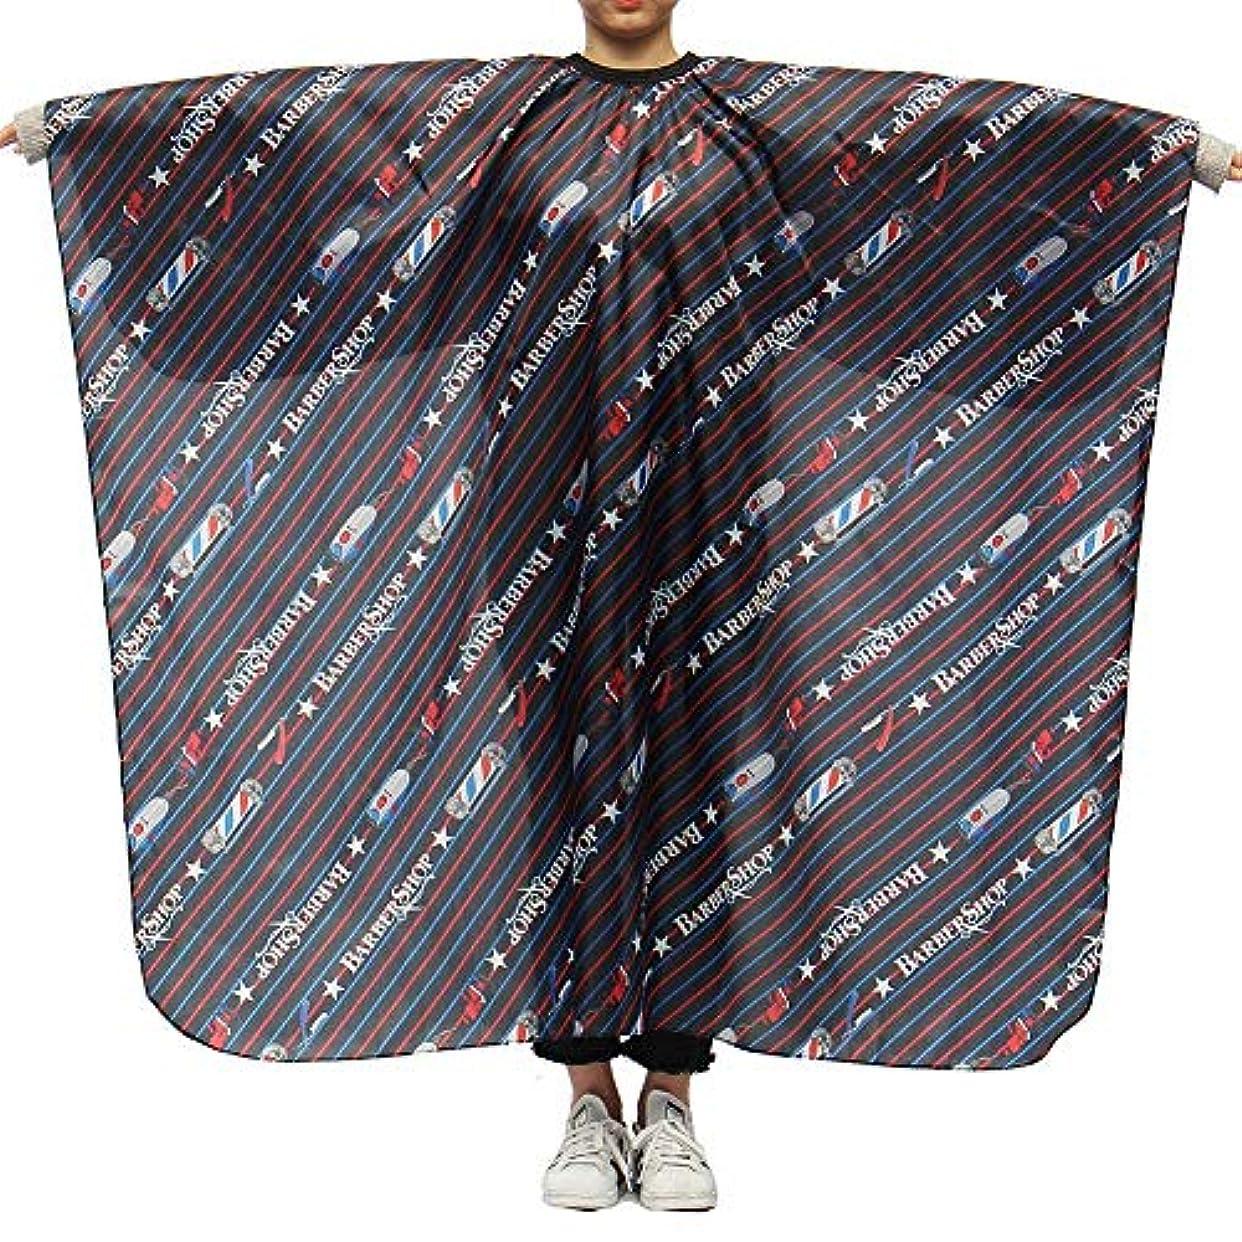 リップつかむ賛辞Ling(リンー)-ビューティー 理髪ケープ 理髪布 店用 家庭用 通気性 滑らか ポリエステル製